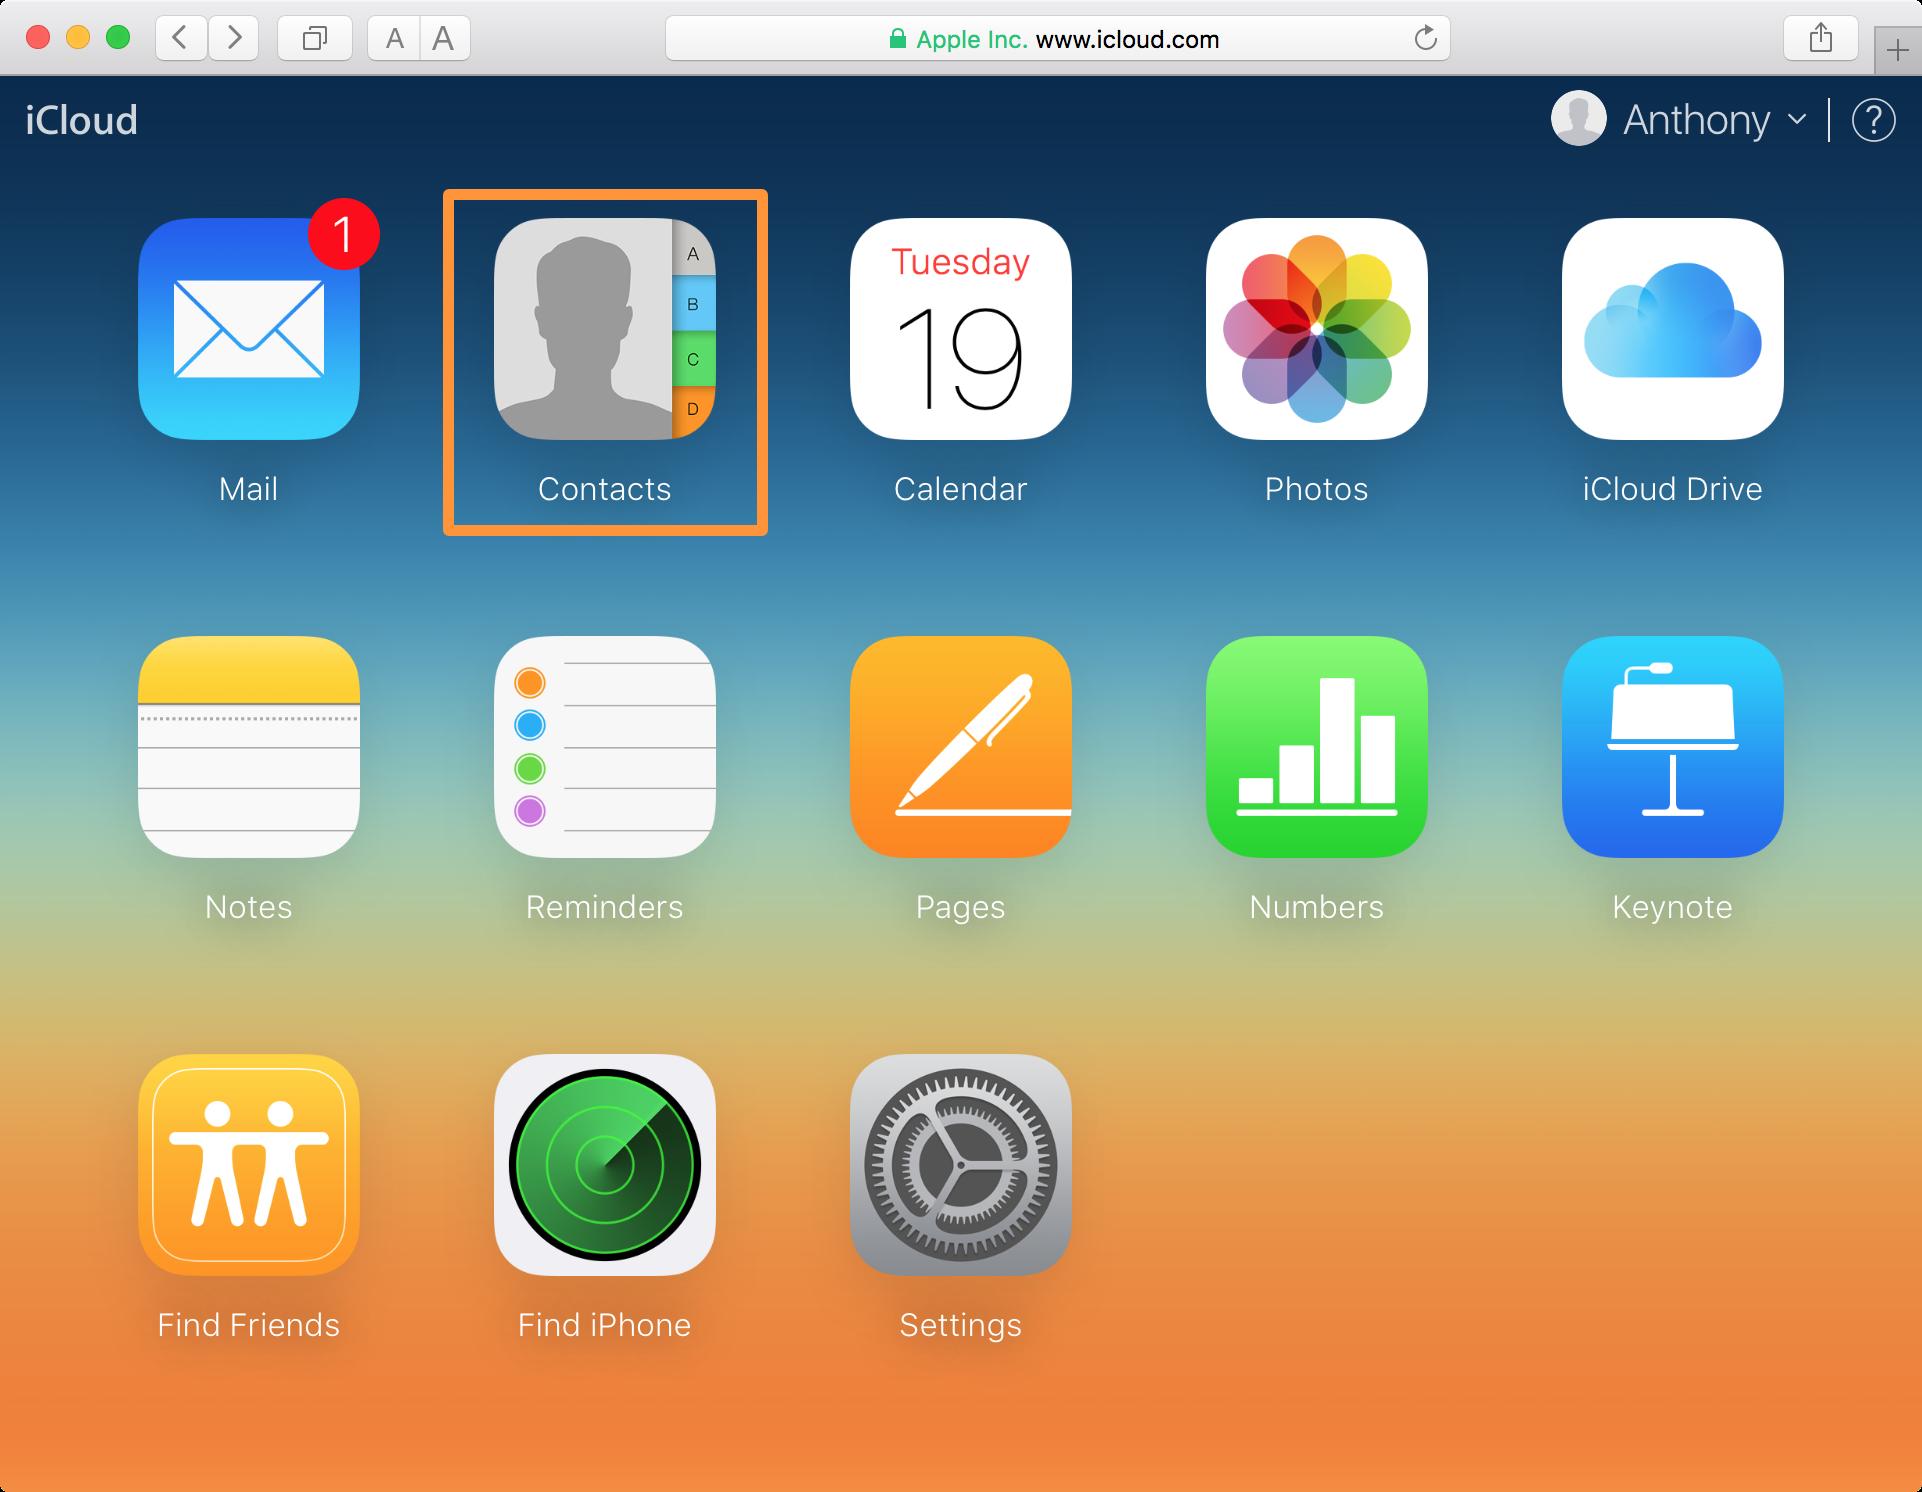 iCloud website contacts app